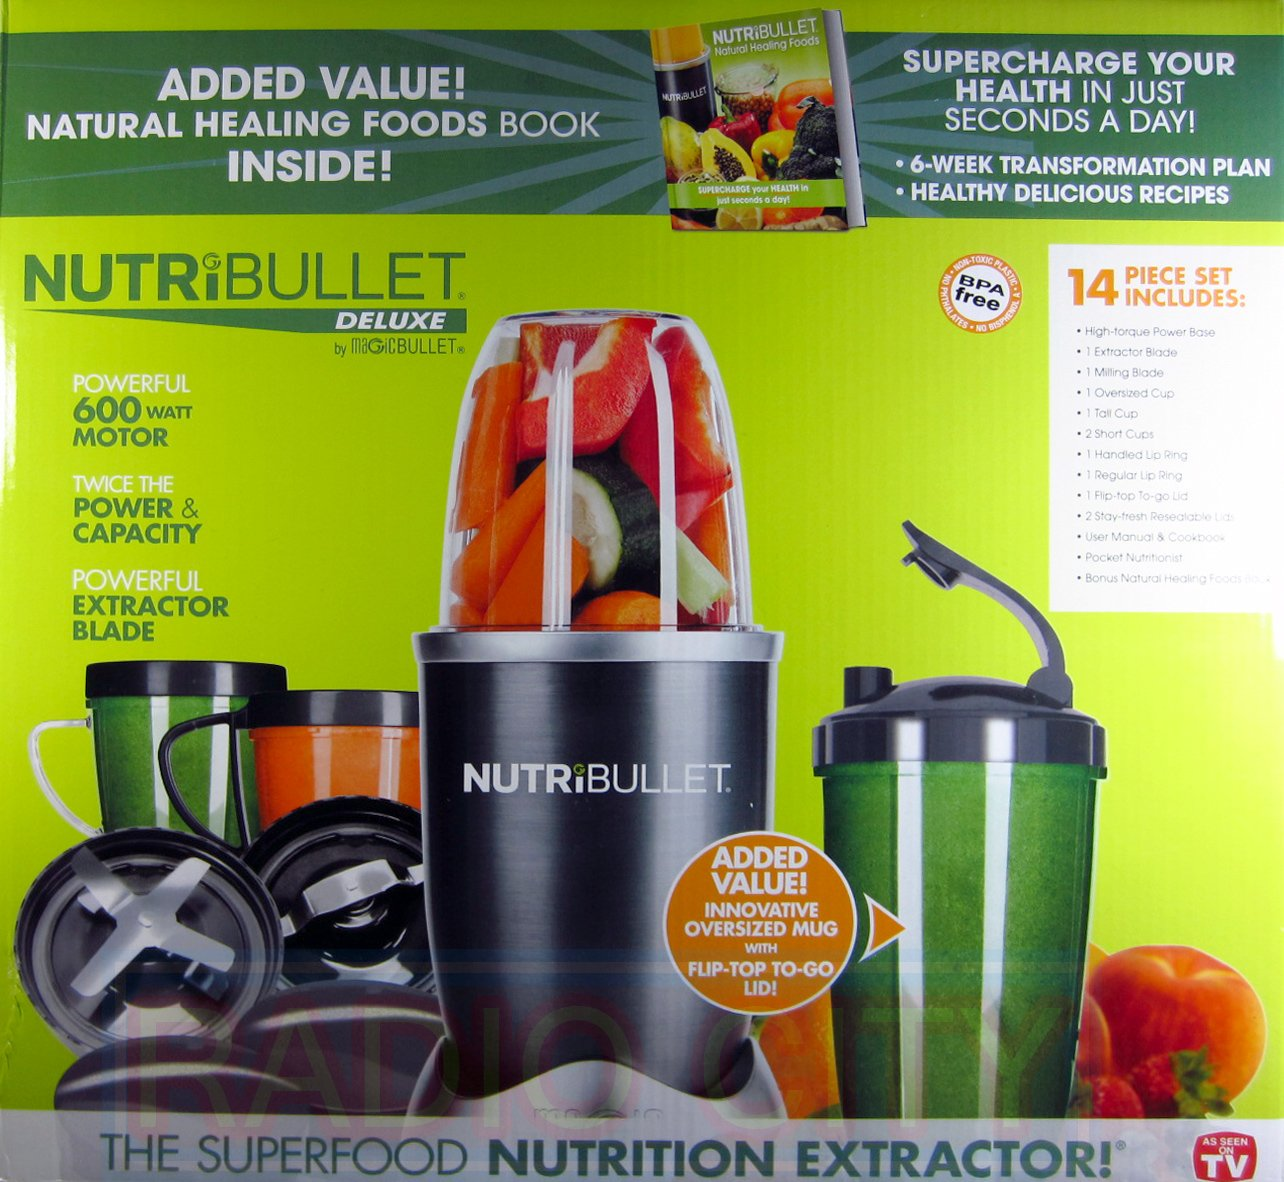 Nutribullet 14-Piece Nutrition Extractor 600 Watt Blender Juicer NBR-1401 Nutri Bullet